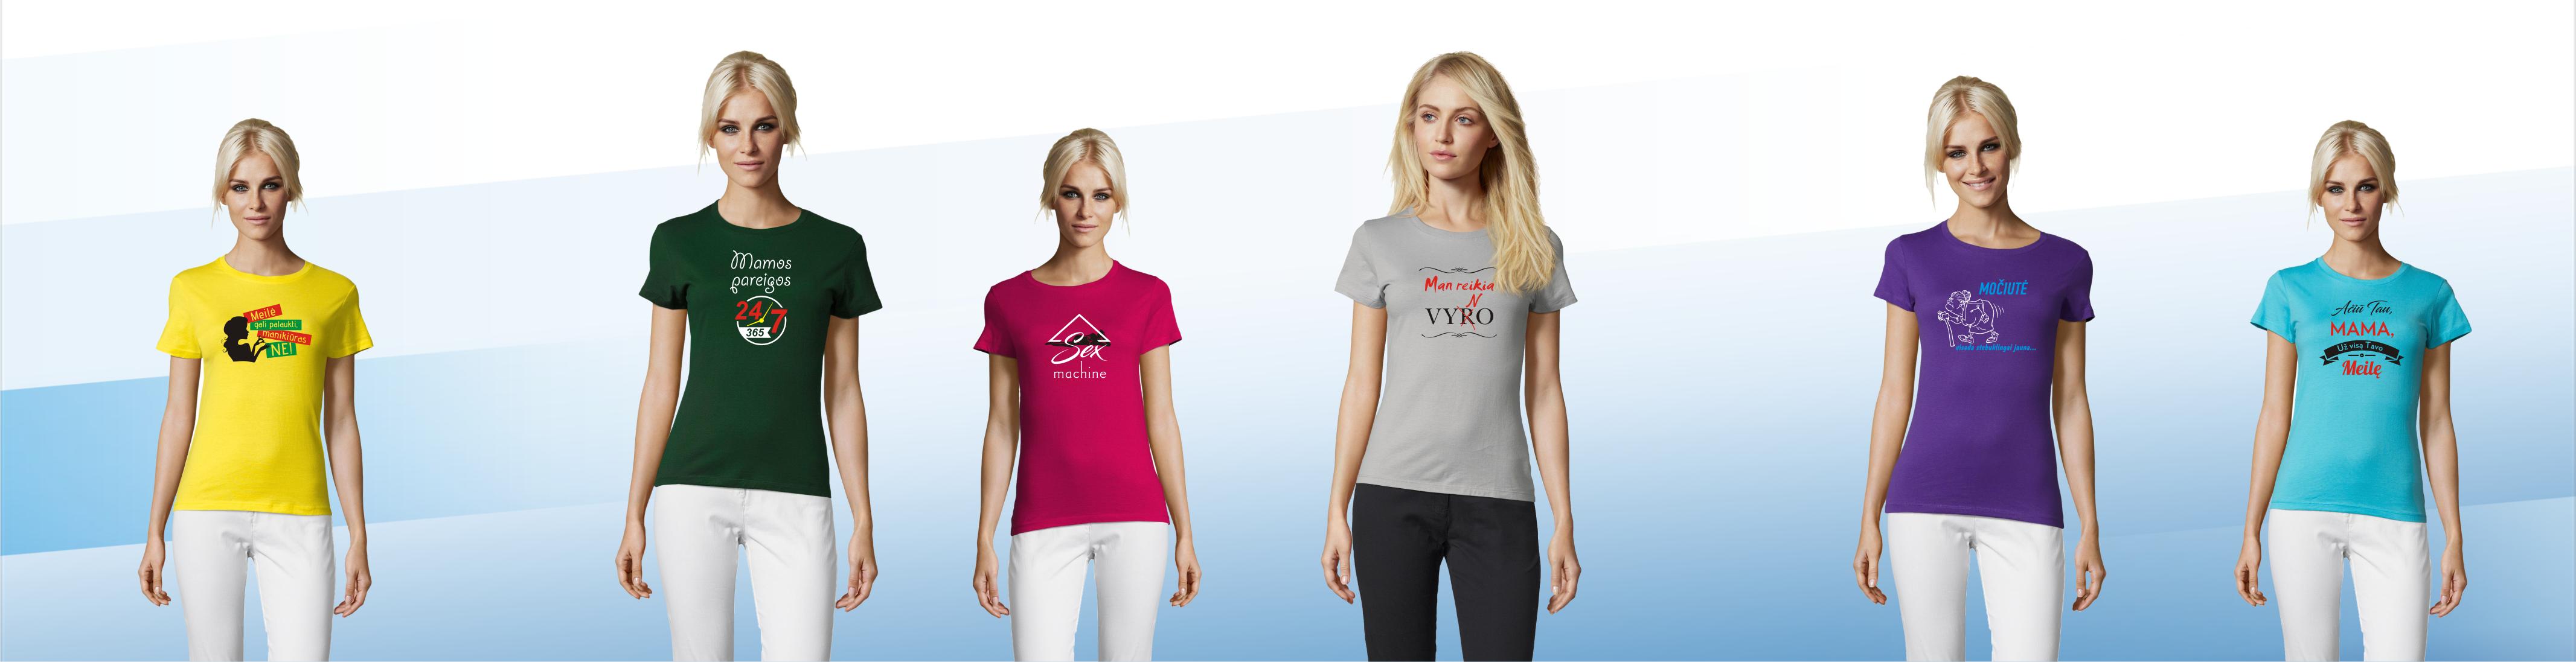 Platus moteriškų marškinėlių pasirinkimas